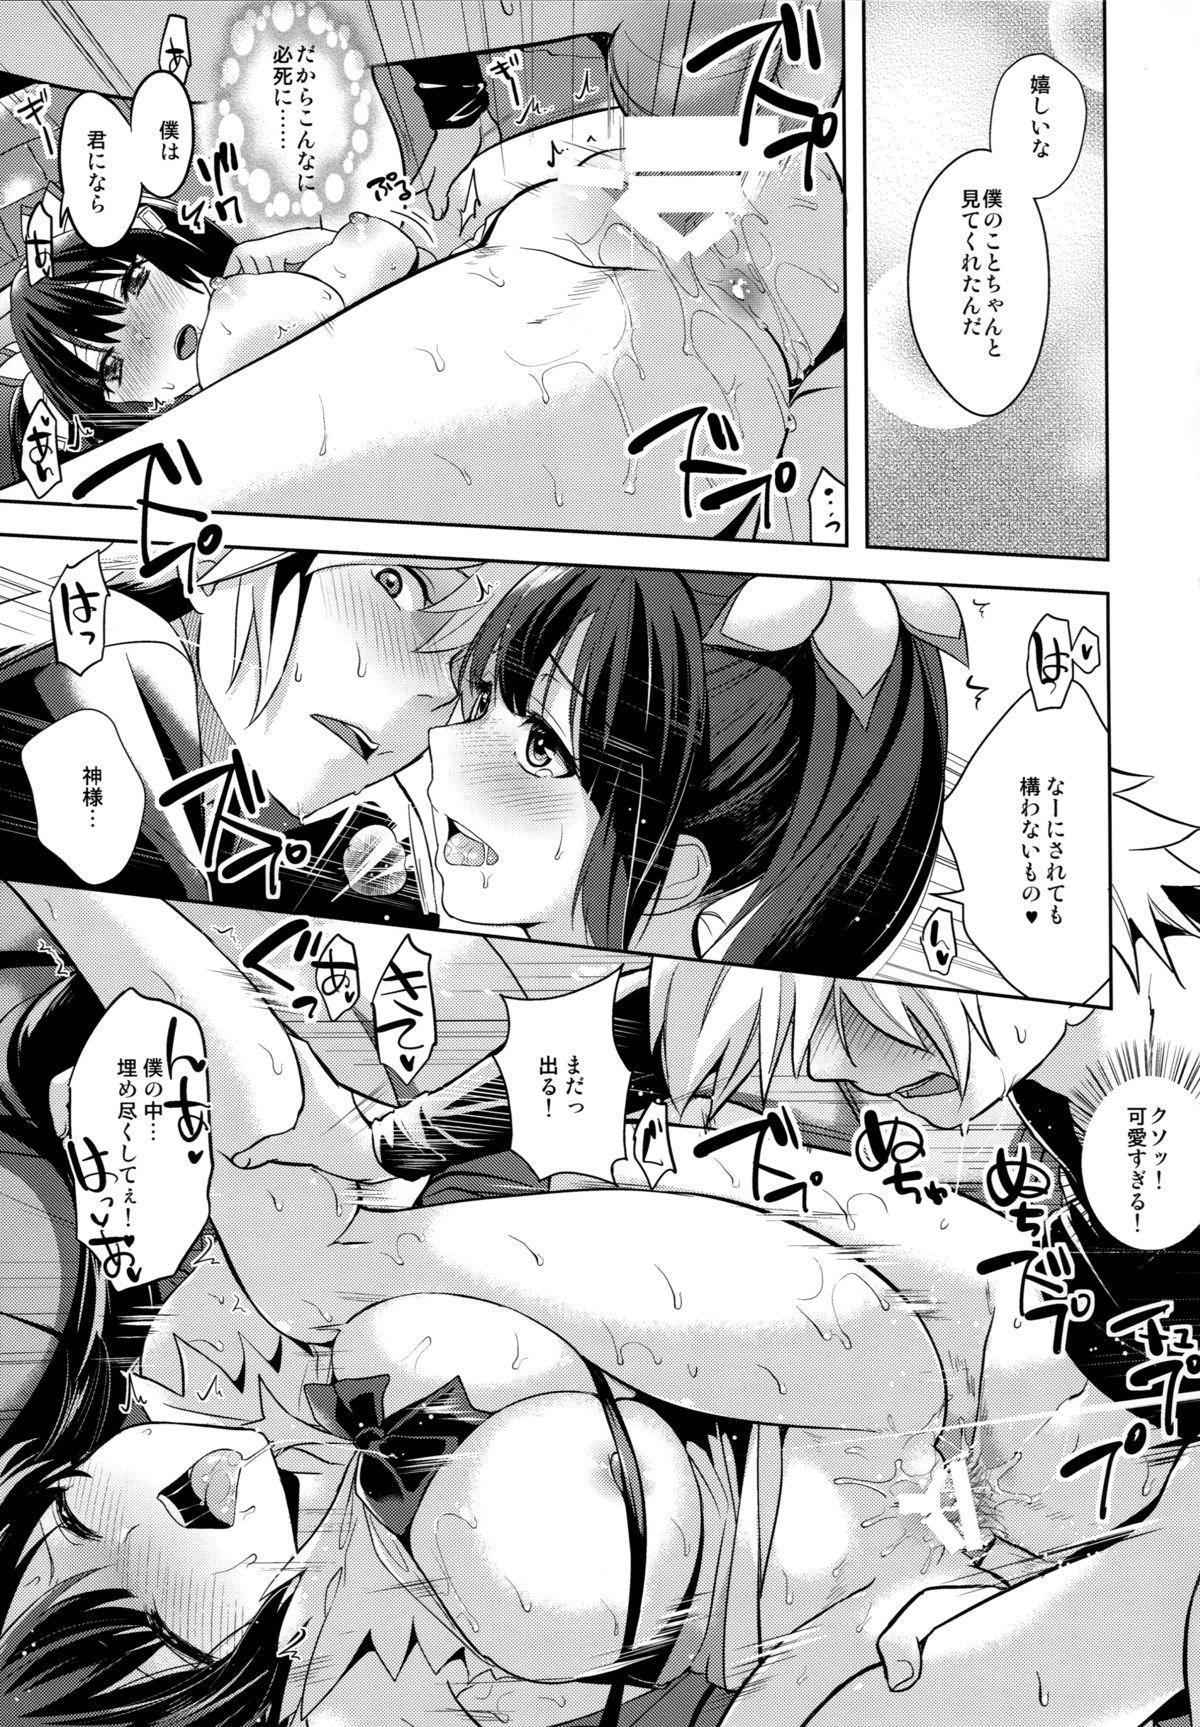 Dankon ni Kairaku o Motomeru no wa Machigatteiru Darou ka 22